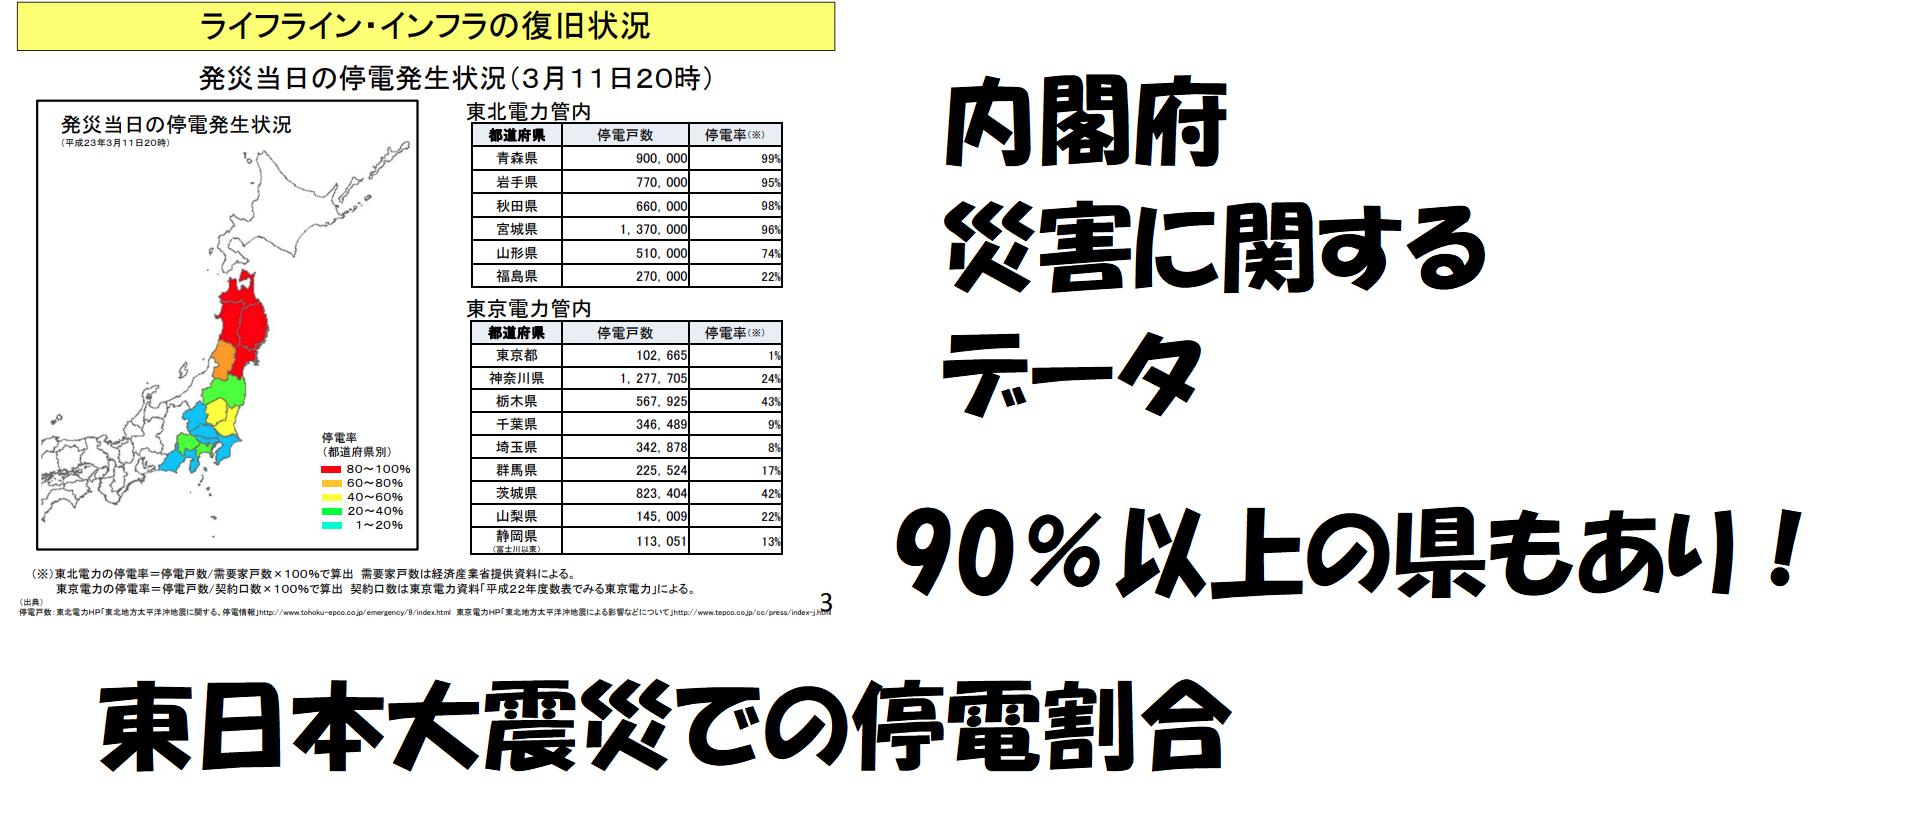 東日本大震災の停電の割合